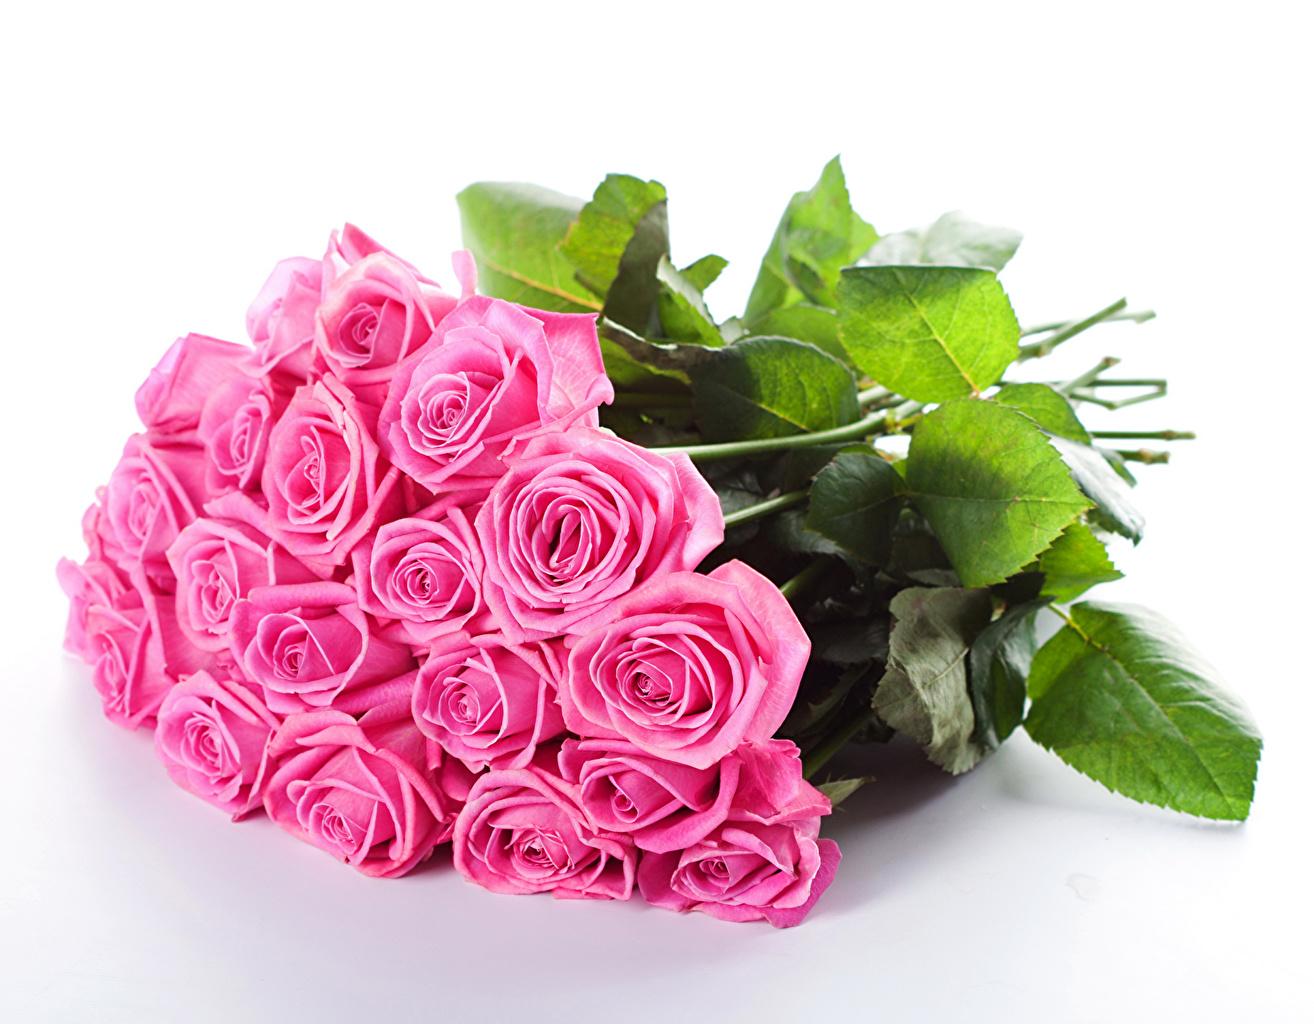 Картинка Букеты Розы розовая цветок букет роза Розовый розовые розовых Цветы